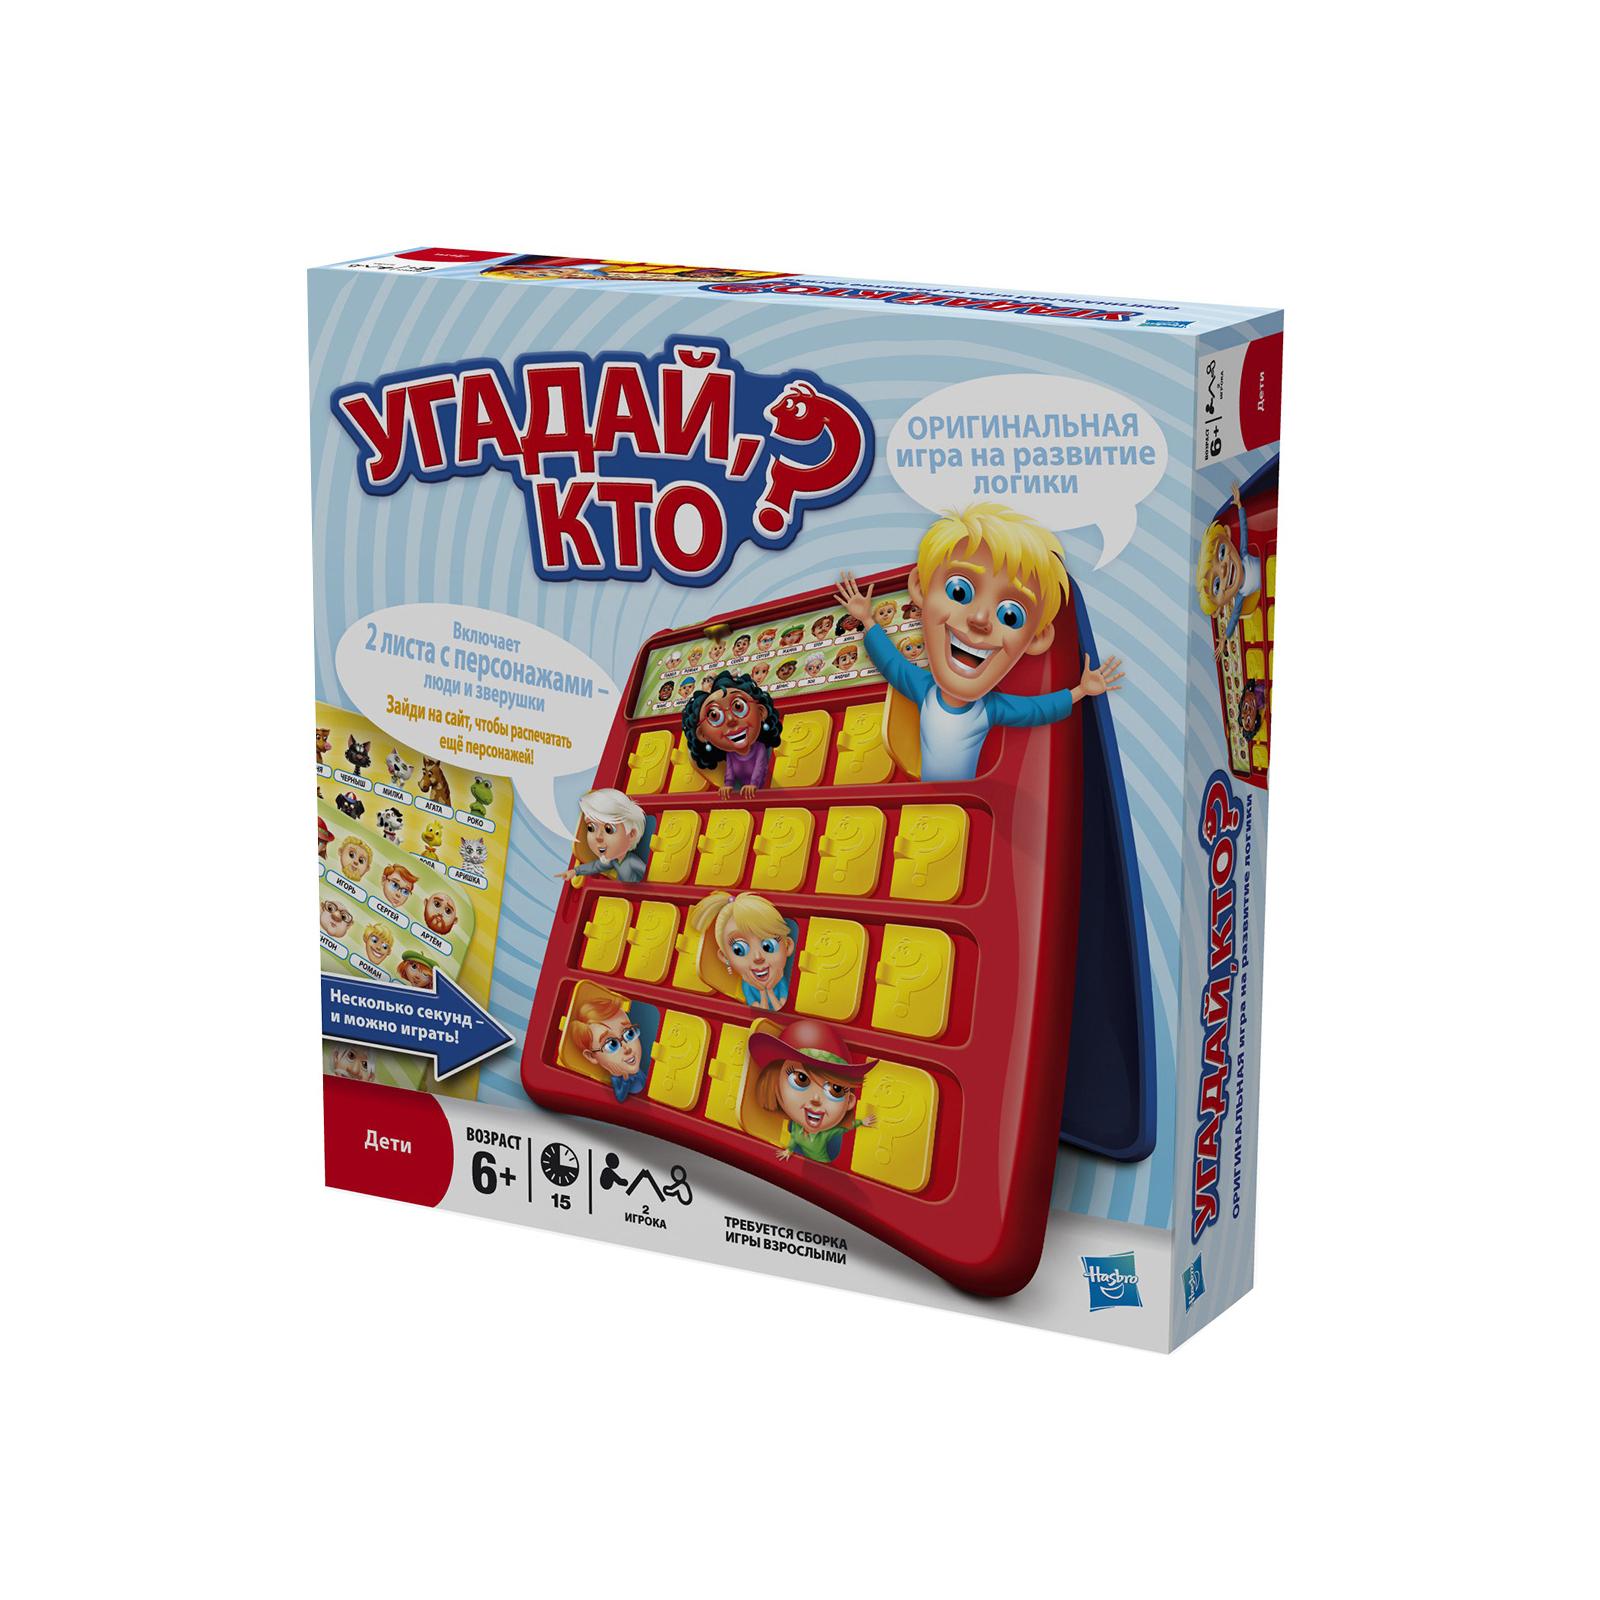 Настольная игра Hasbro Угадай кто руский язык (5801121)